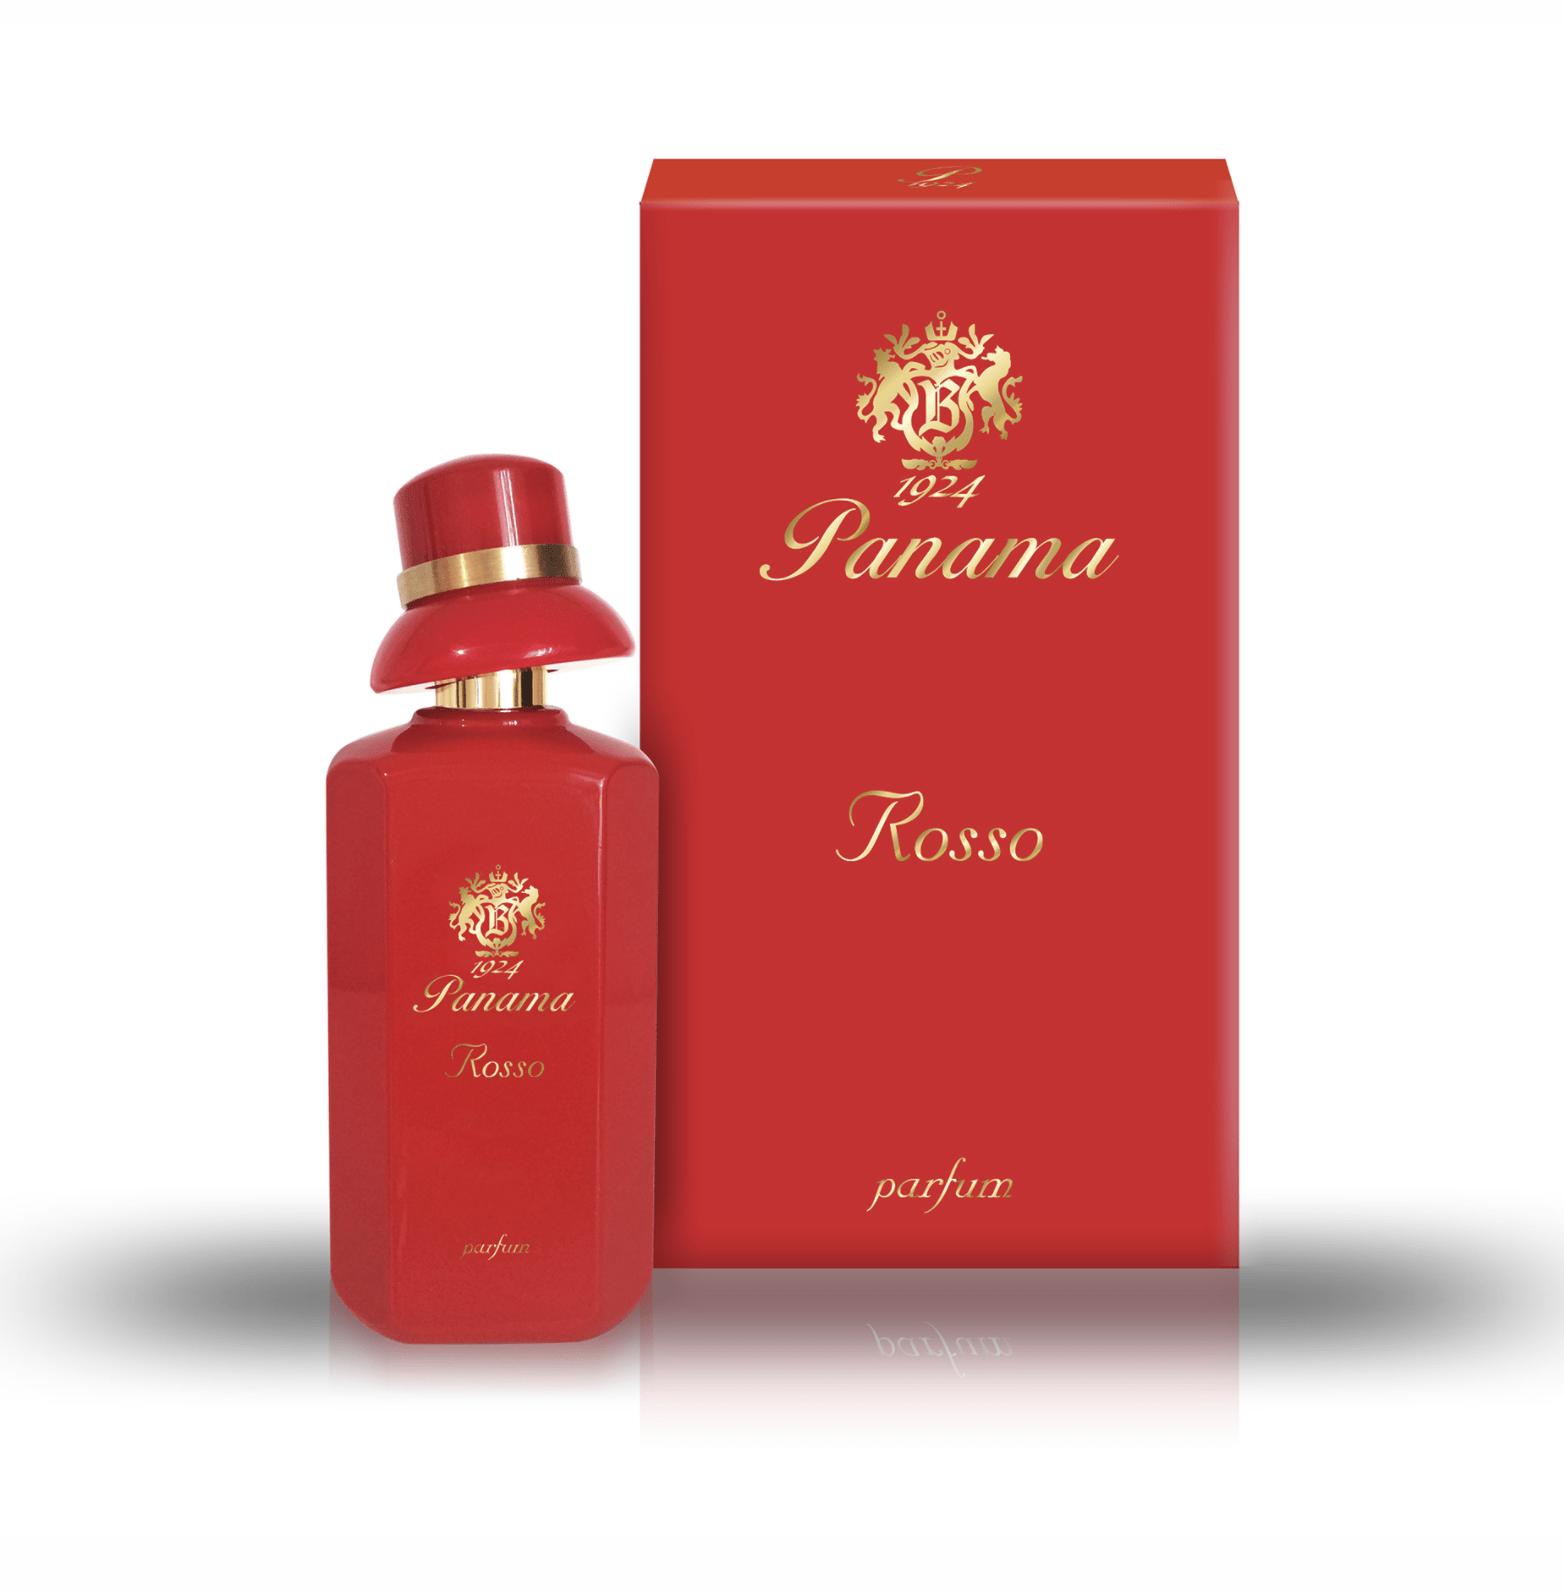 PANAMA ROSSO PARFUM